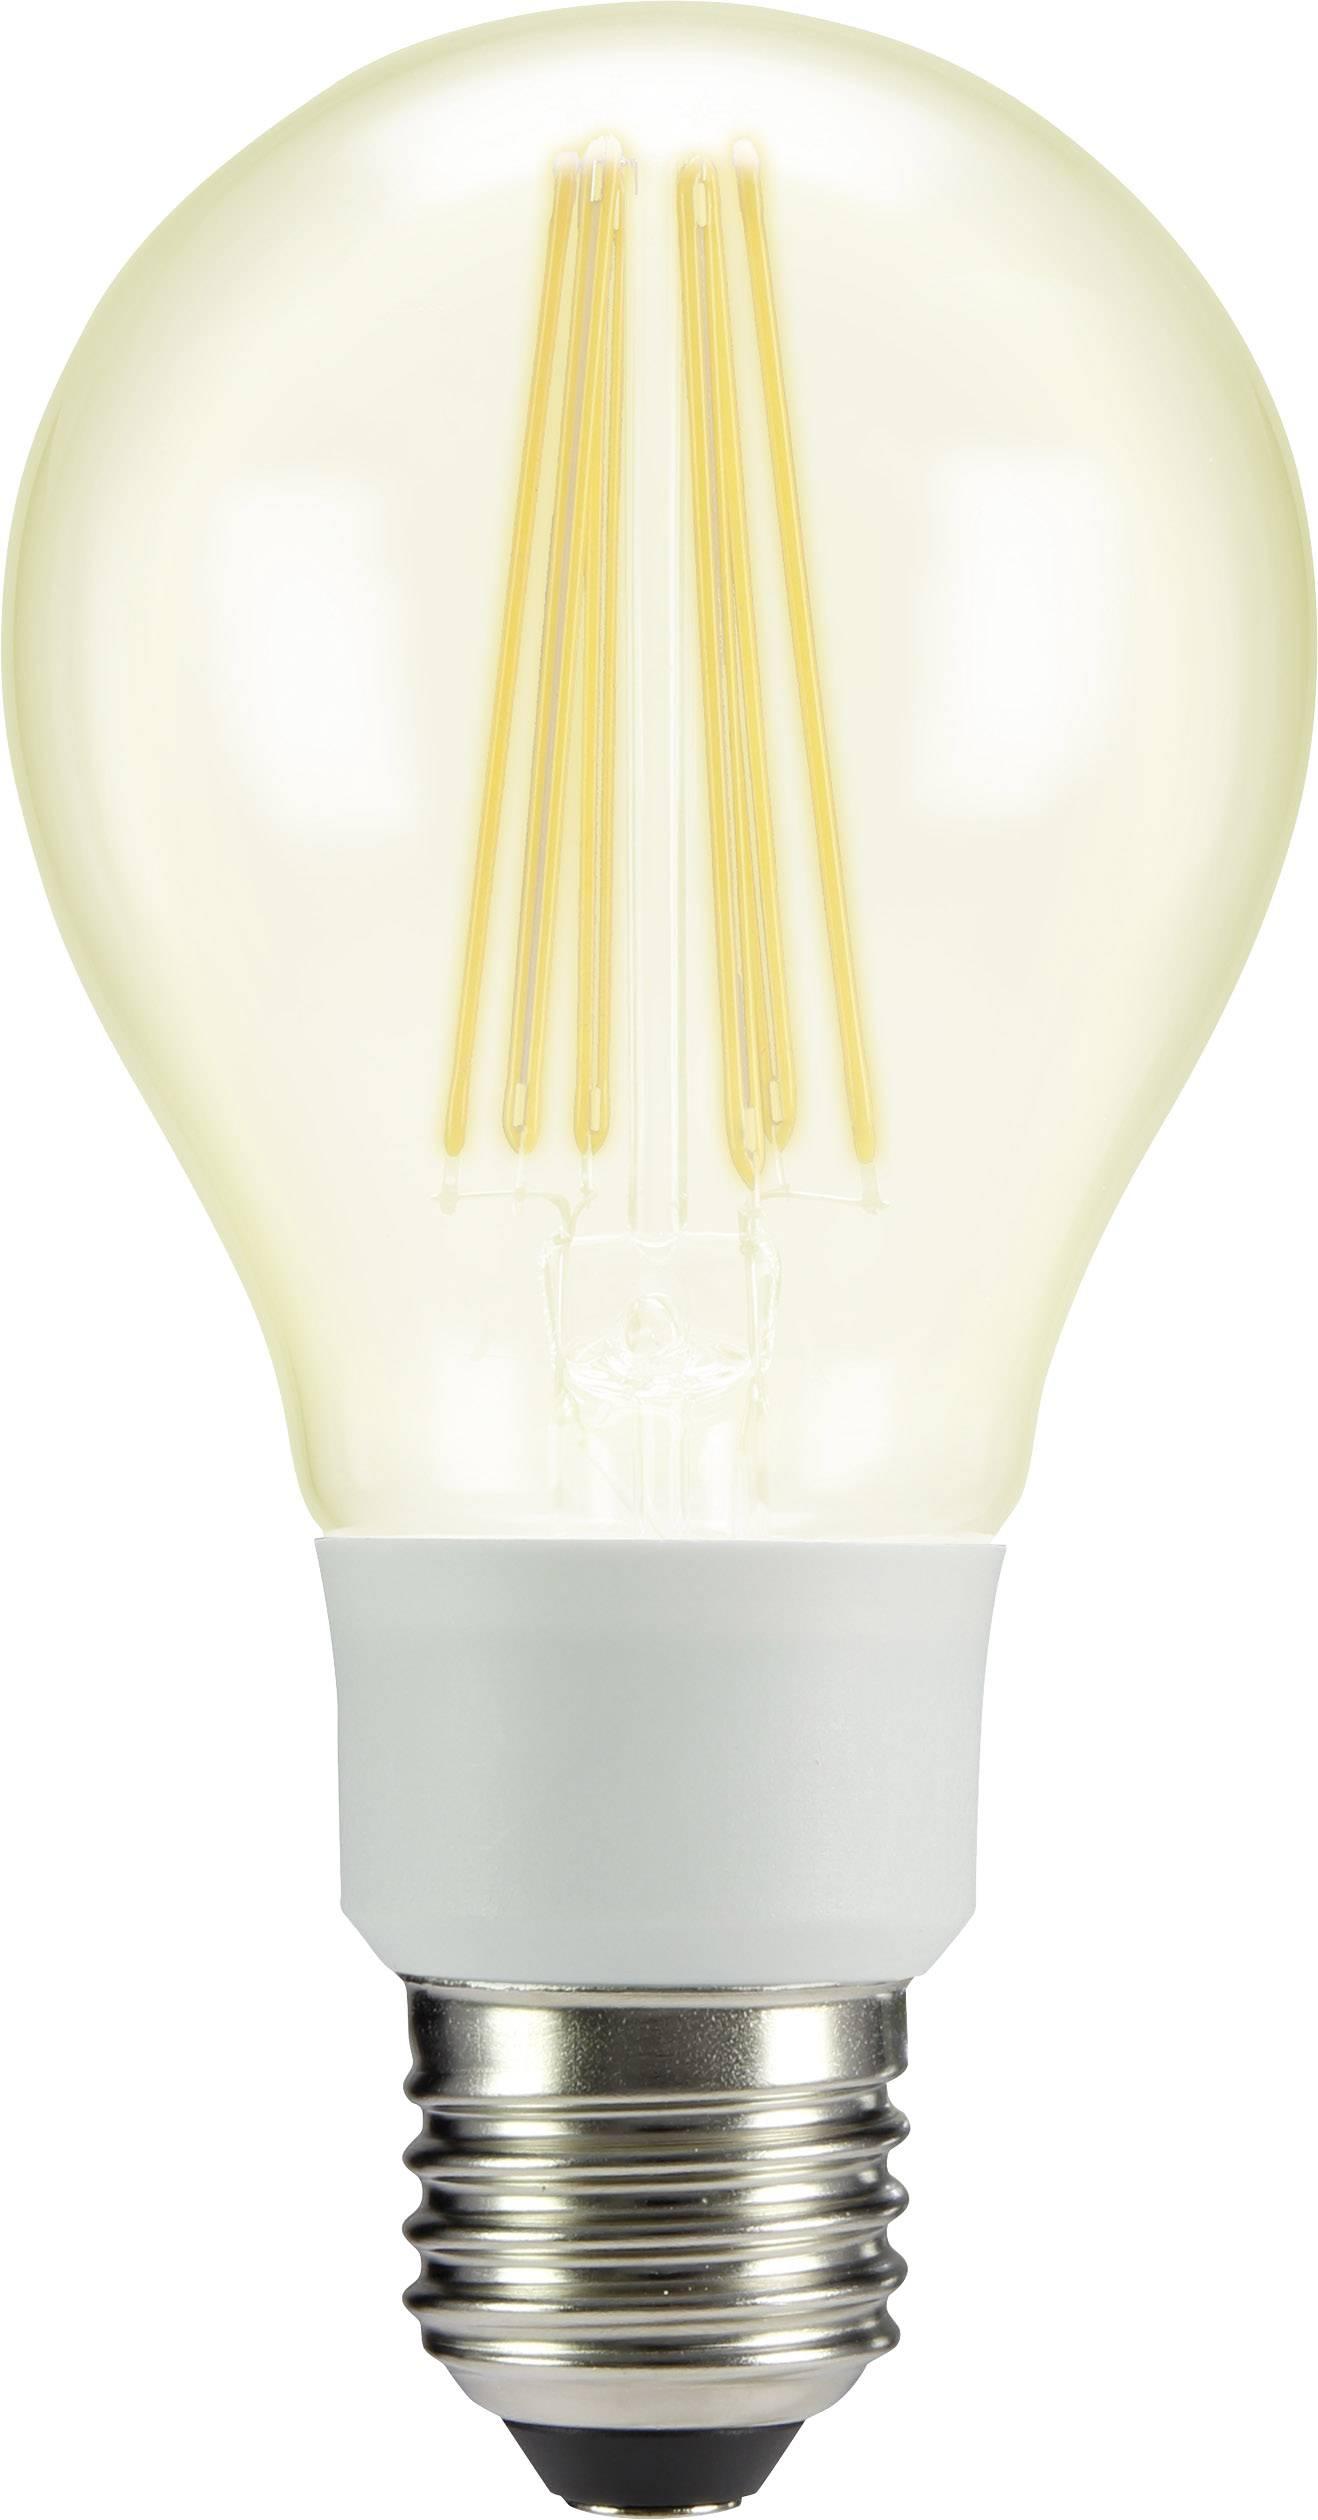 LED žárovka Sygonix STA6103clear 230 V, E27, 12 W = 100 W, teplá bílá, A++, vlákno, 1 ks